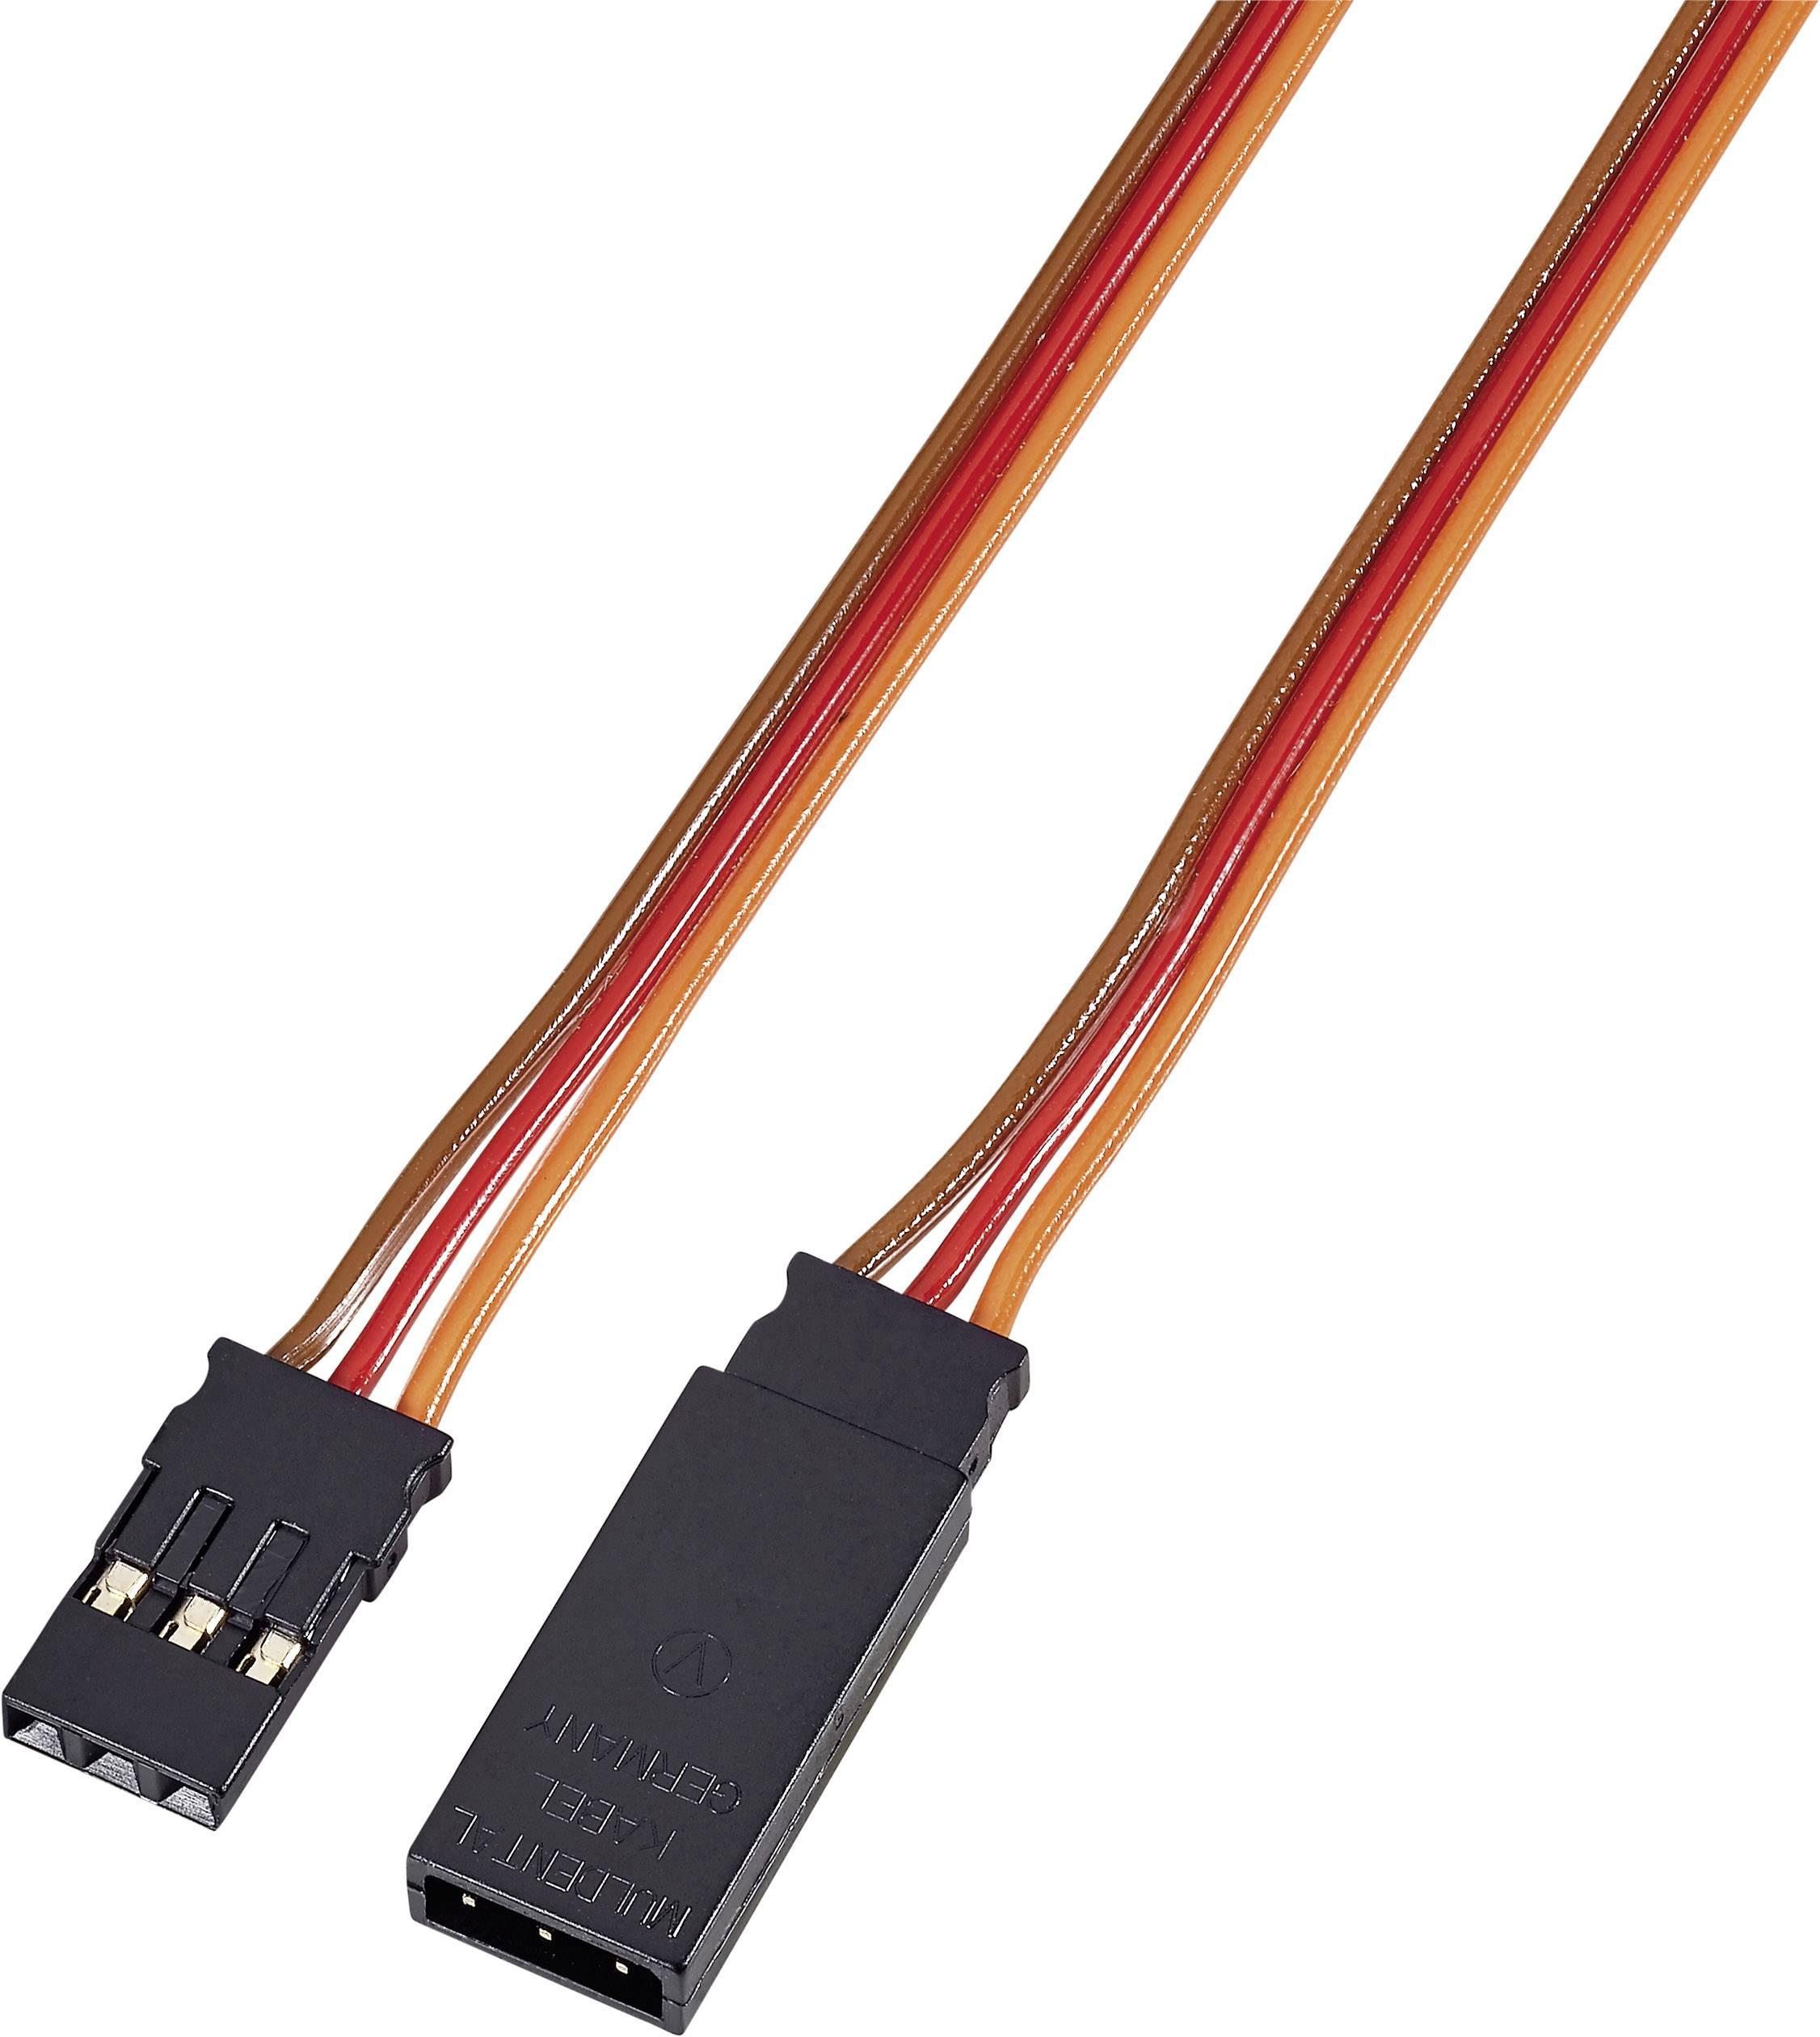 Prodlužovací kabel Modelcraft, konektor JR, 50 cm, 0,5 mm²